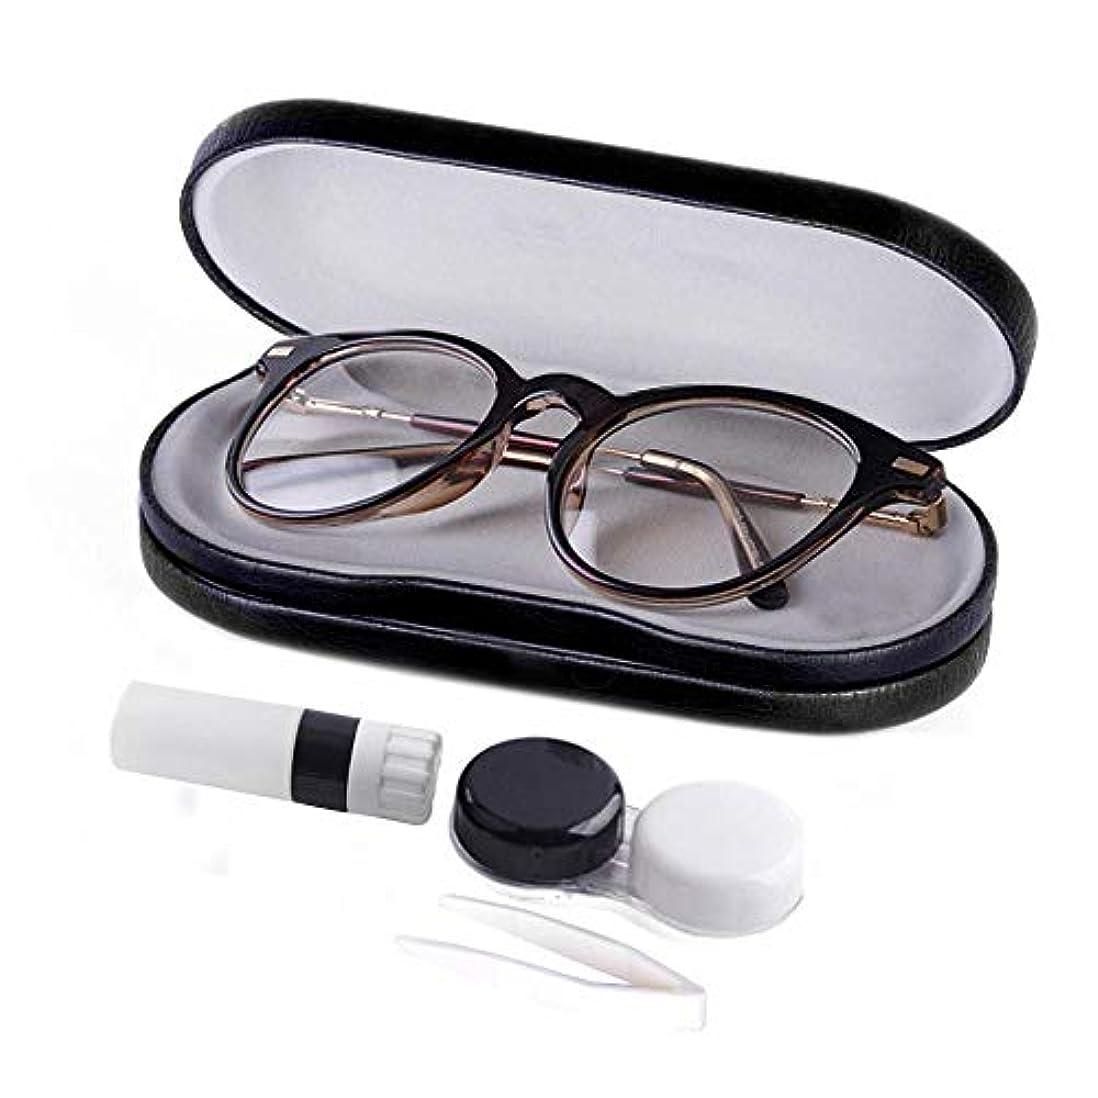 変化する物思いにふける物質Coldwhite 旅行用に革新的 なコンタクトレンズケース 両面メガネ収納ケース ブラック16x7x5cm / 3x2.4x0.9inch(LxWxH)